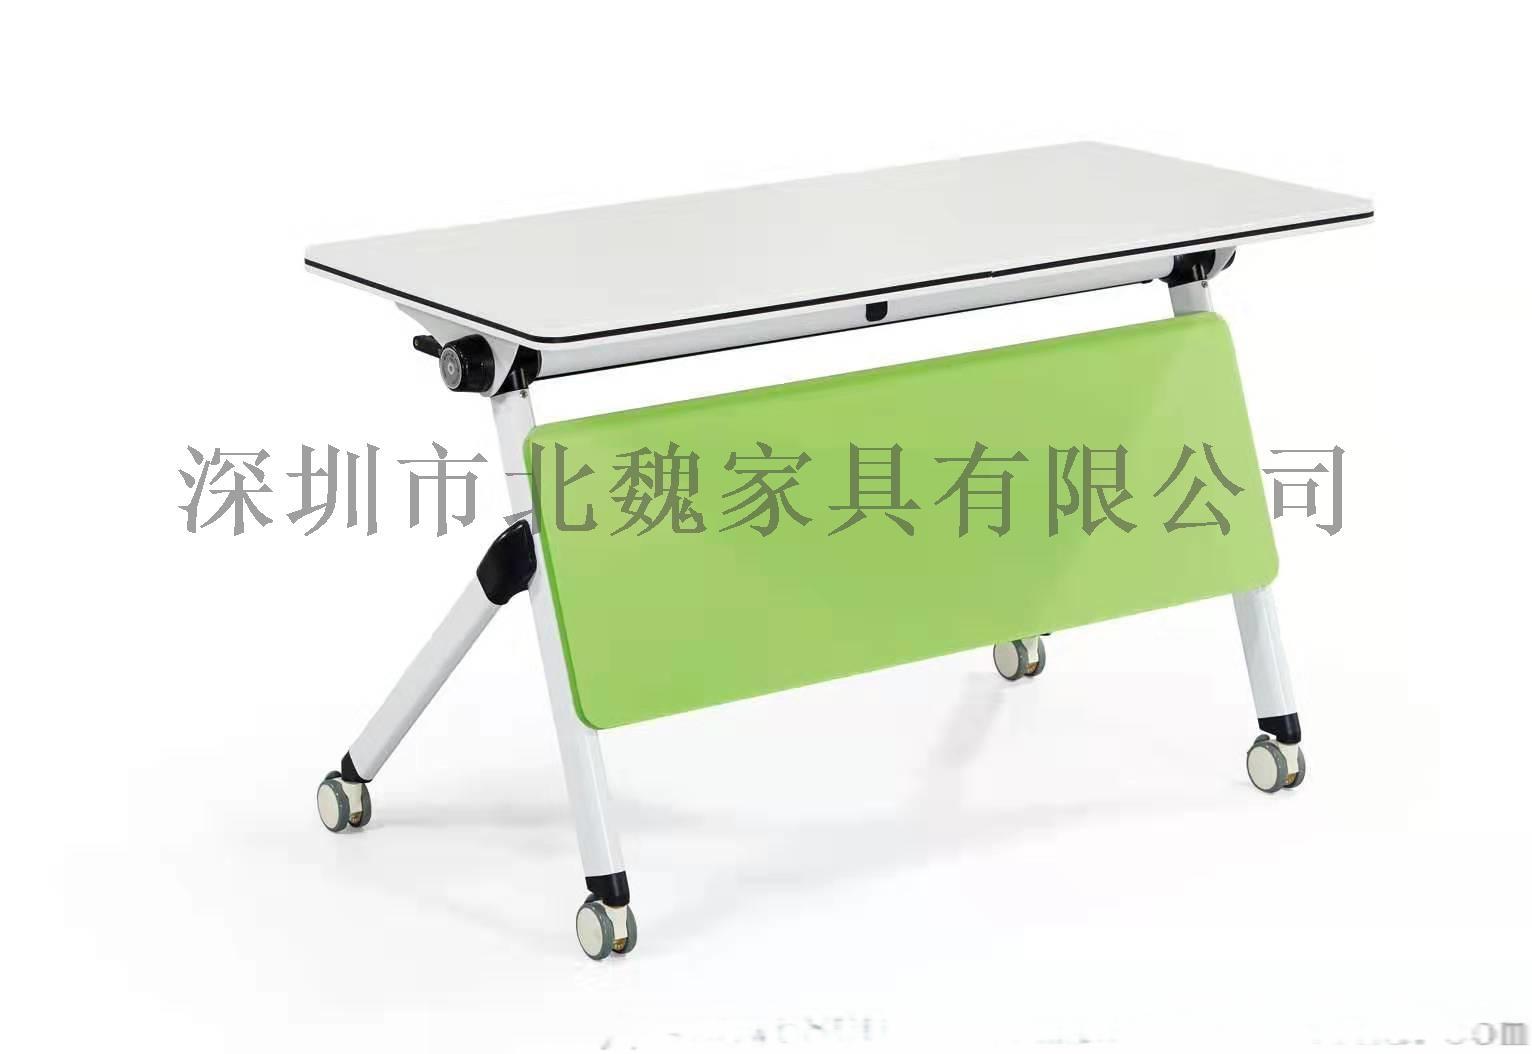 折叠培训桌|可折叠培训台|广东培训桌生产厂家122950455